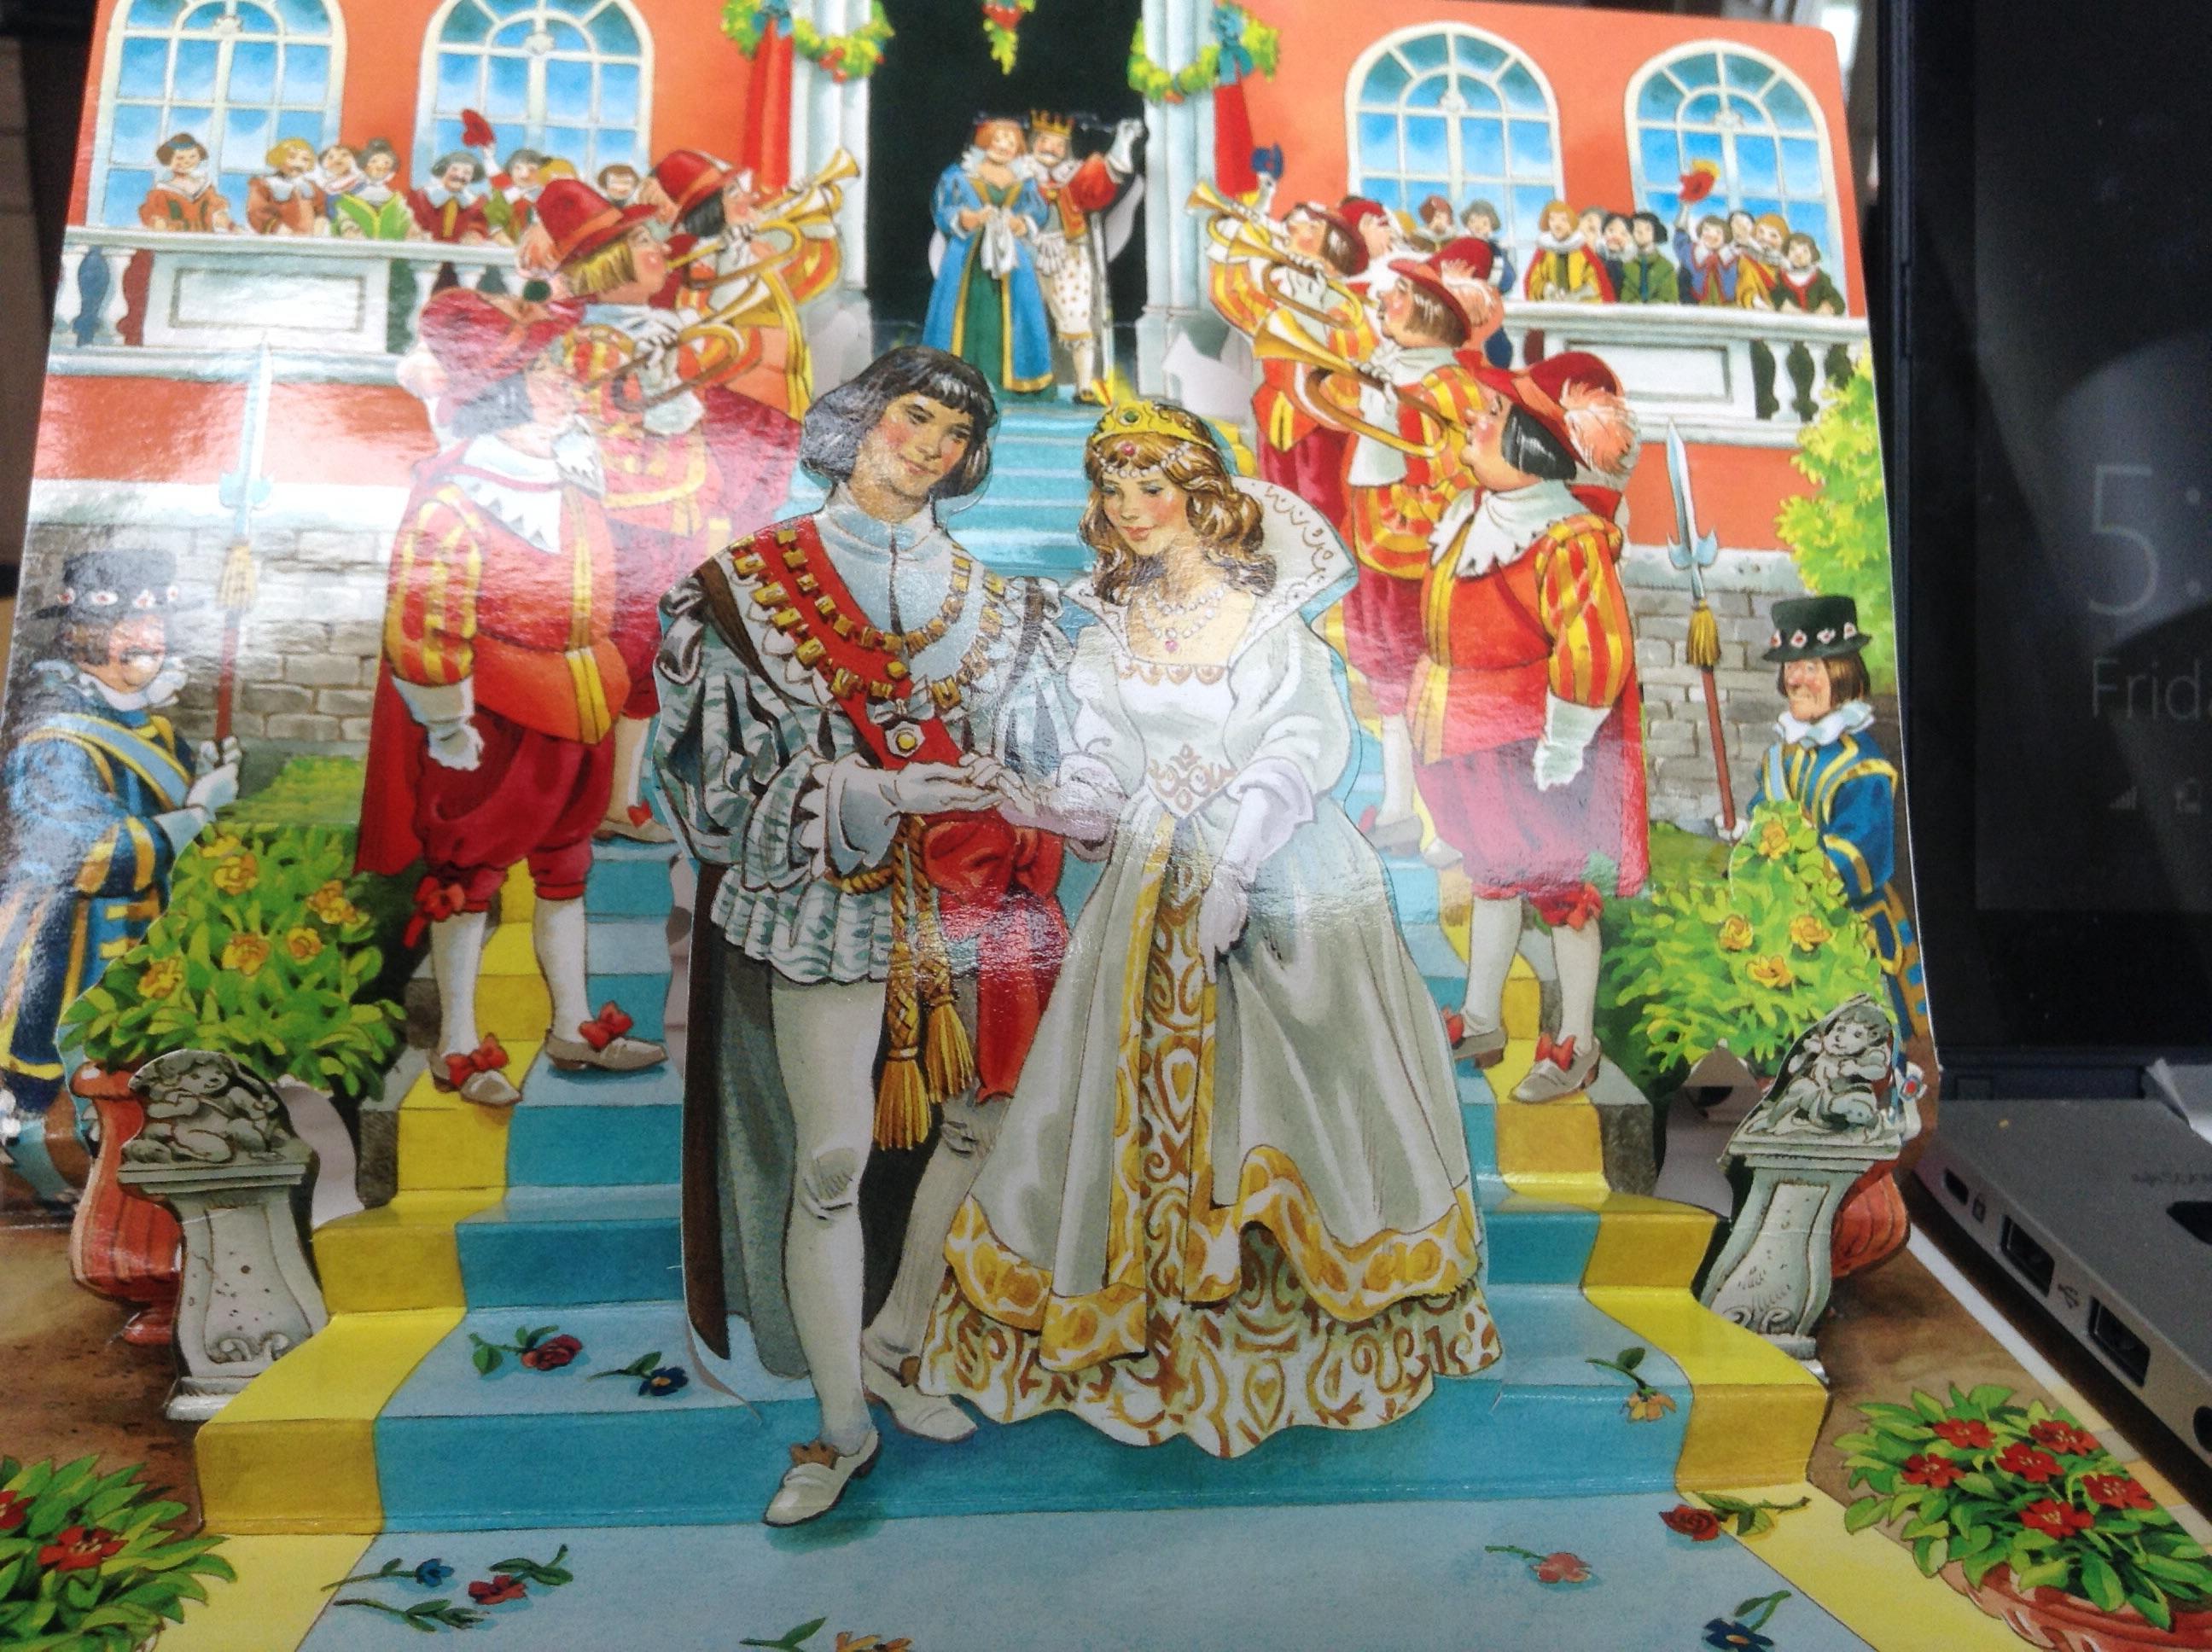 Cinderella-humble bride